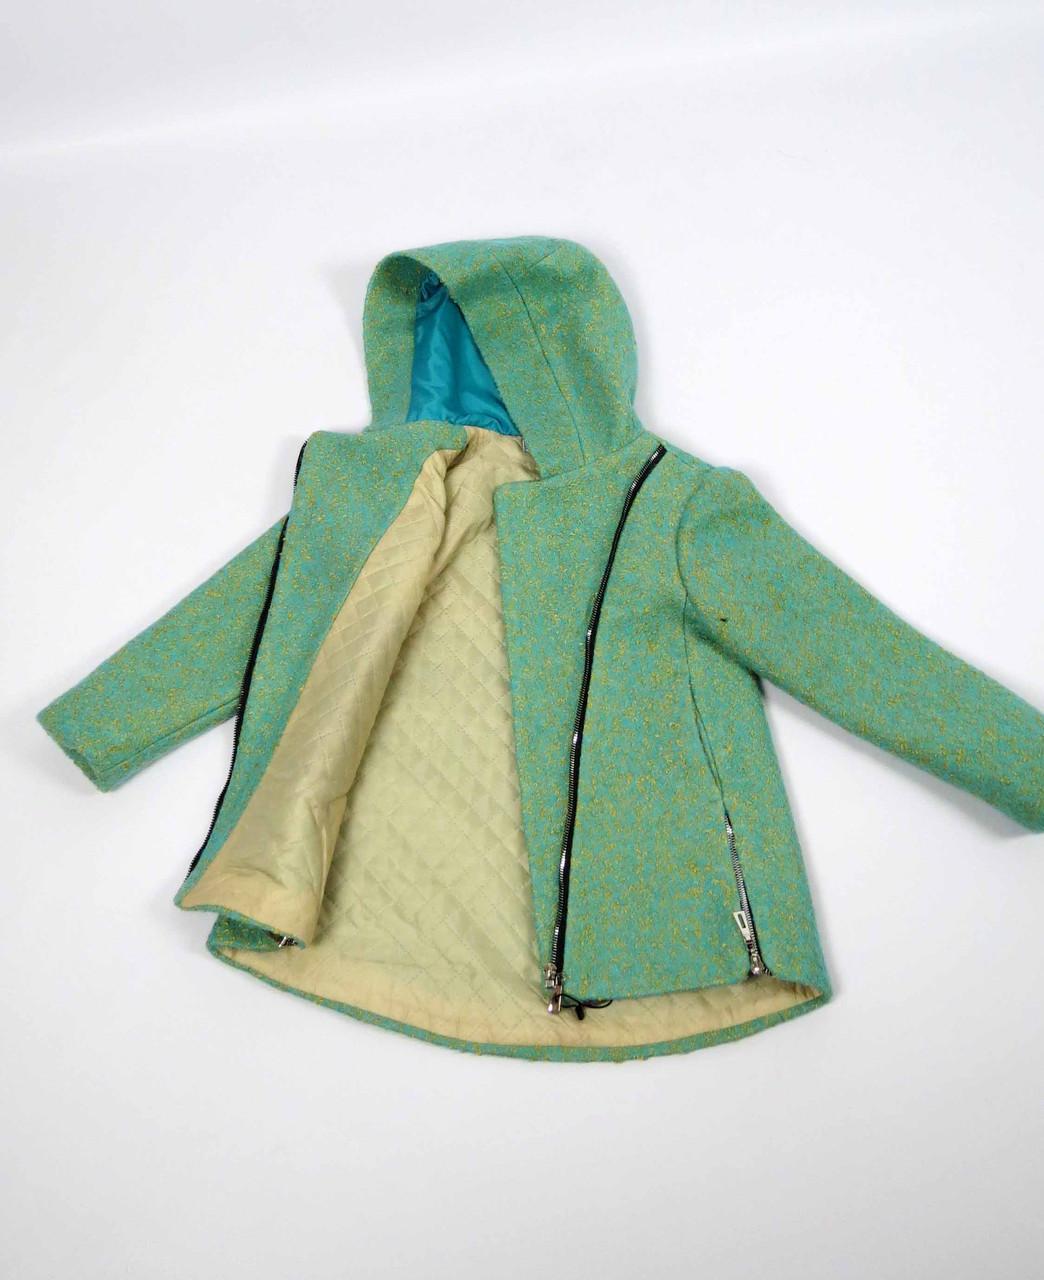 Пальто весна-осень код 588 размер 122-140 (6-10 лет) цвет зел, фото 4